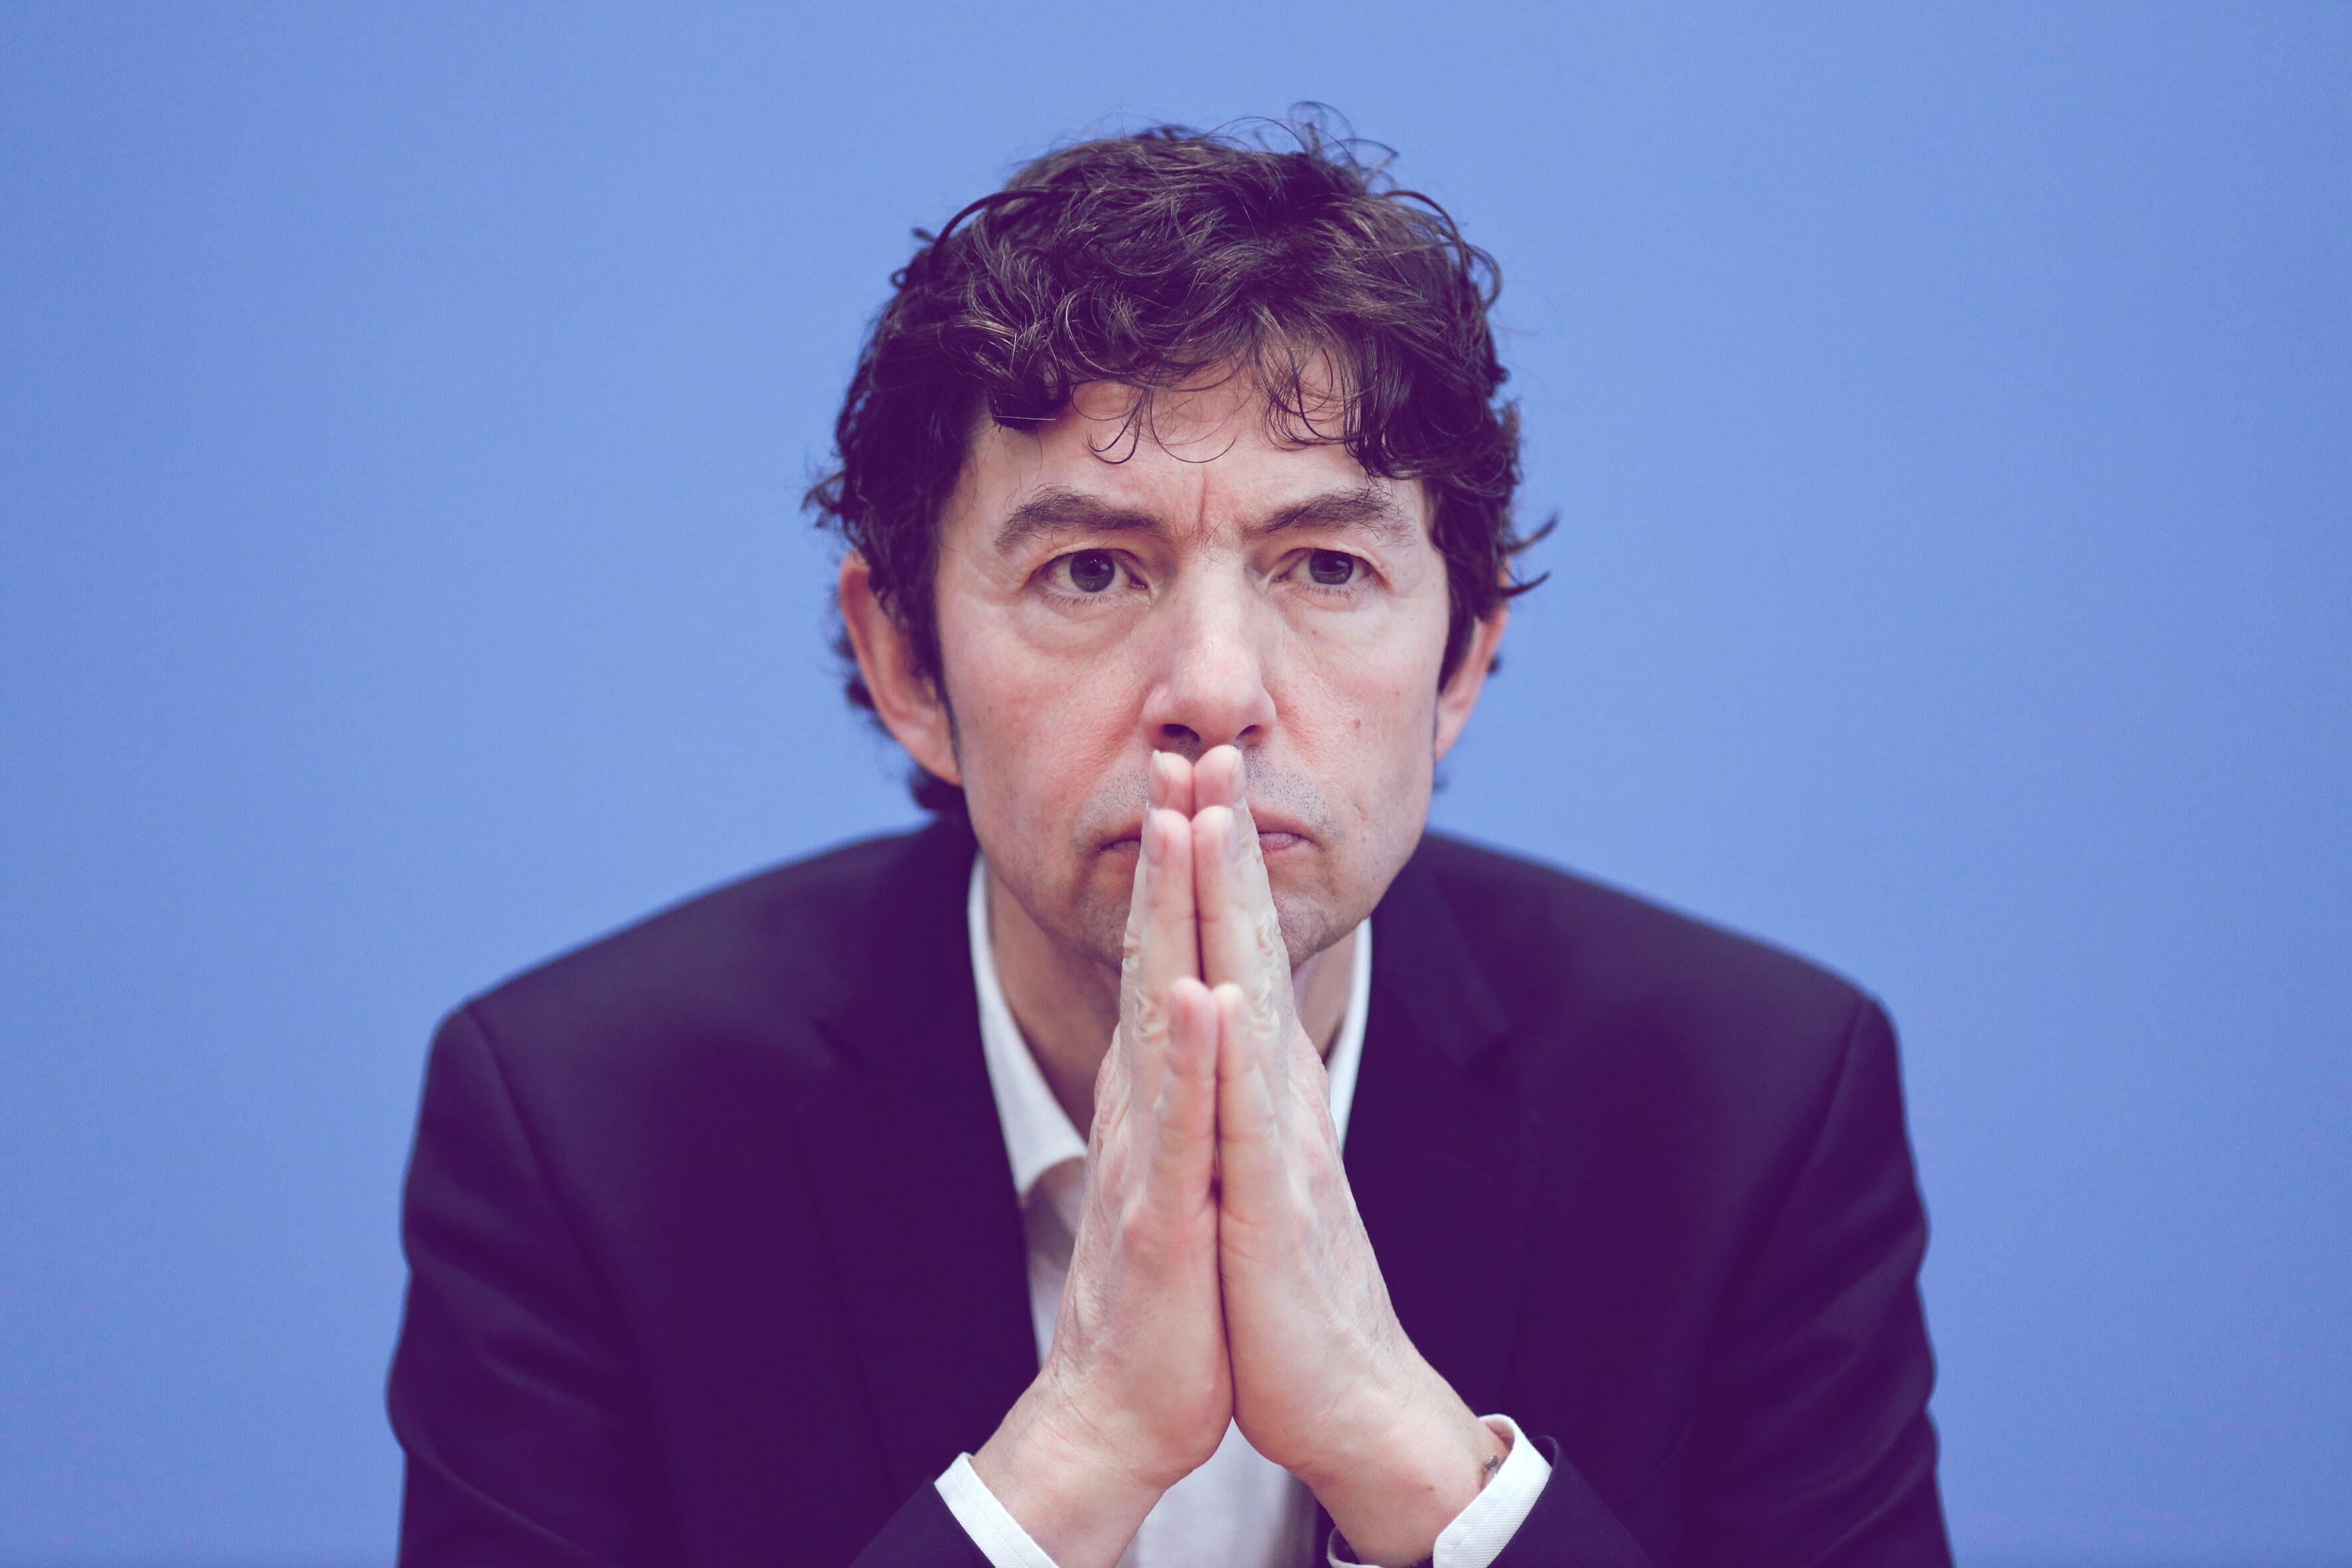 Virologe Christian Drosten denkt über Rückzug nach   desired.de